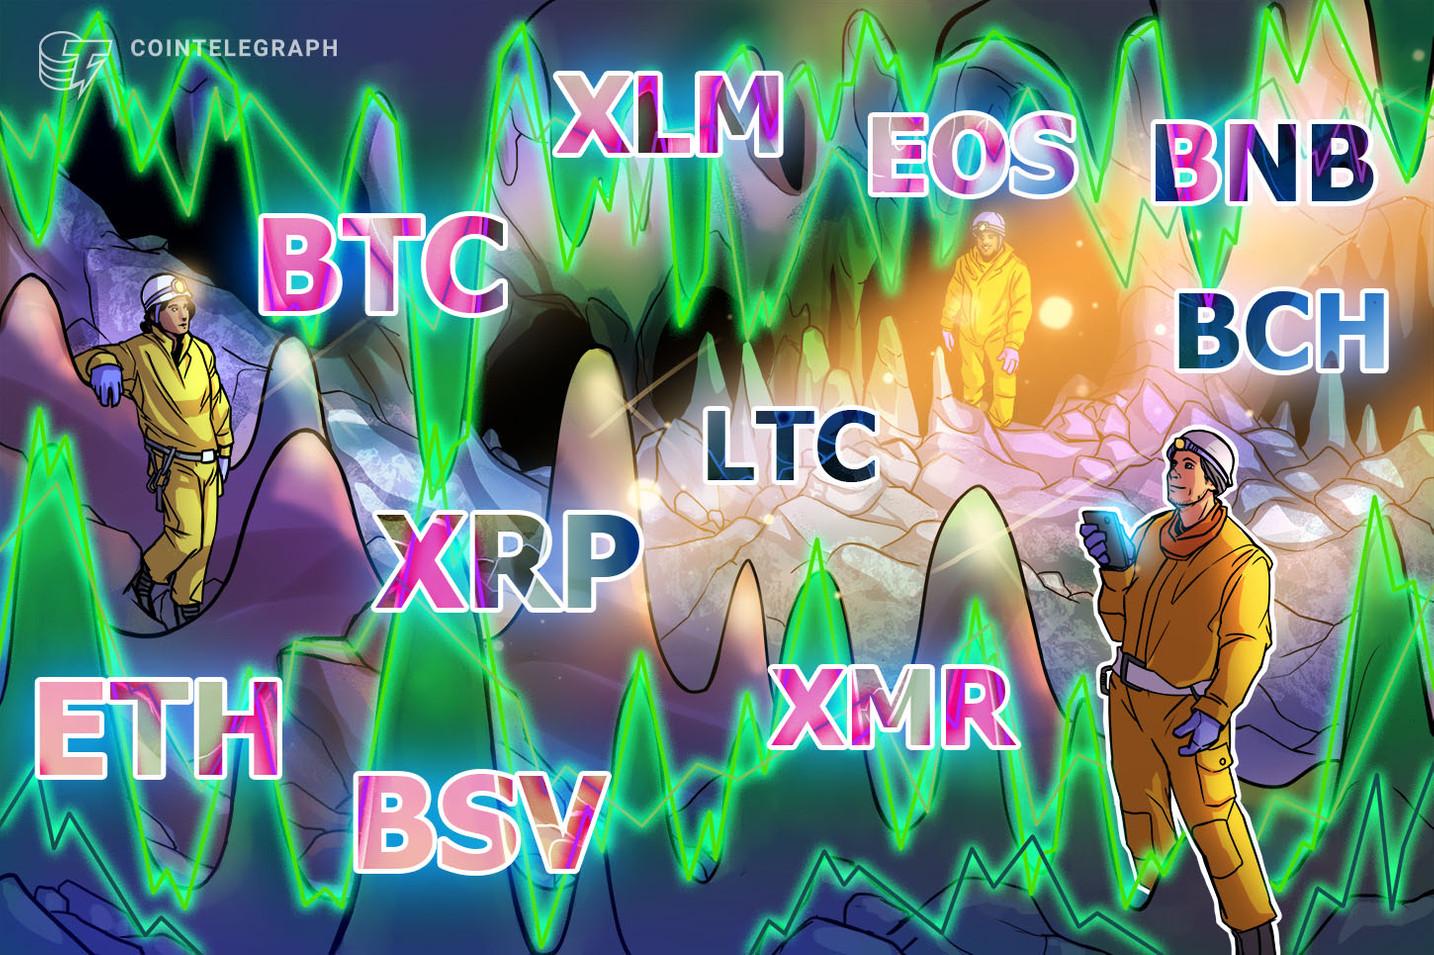 Precio de bitcoin hoy 05/08: Análisis de precios de BTC, ETH, XRP, LTC, BCH, BNB, EOS, BSV, XLM, XMR